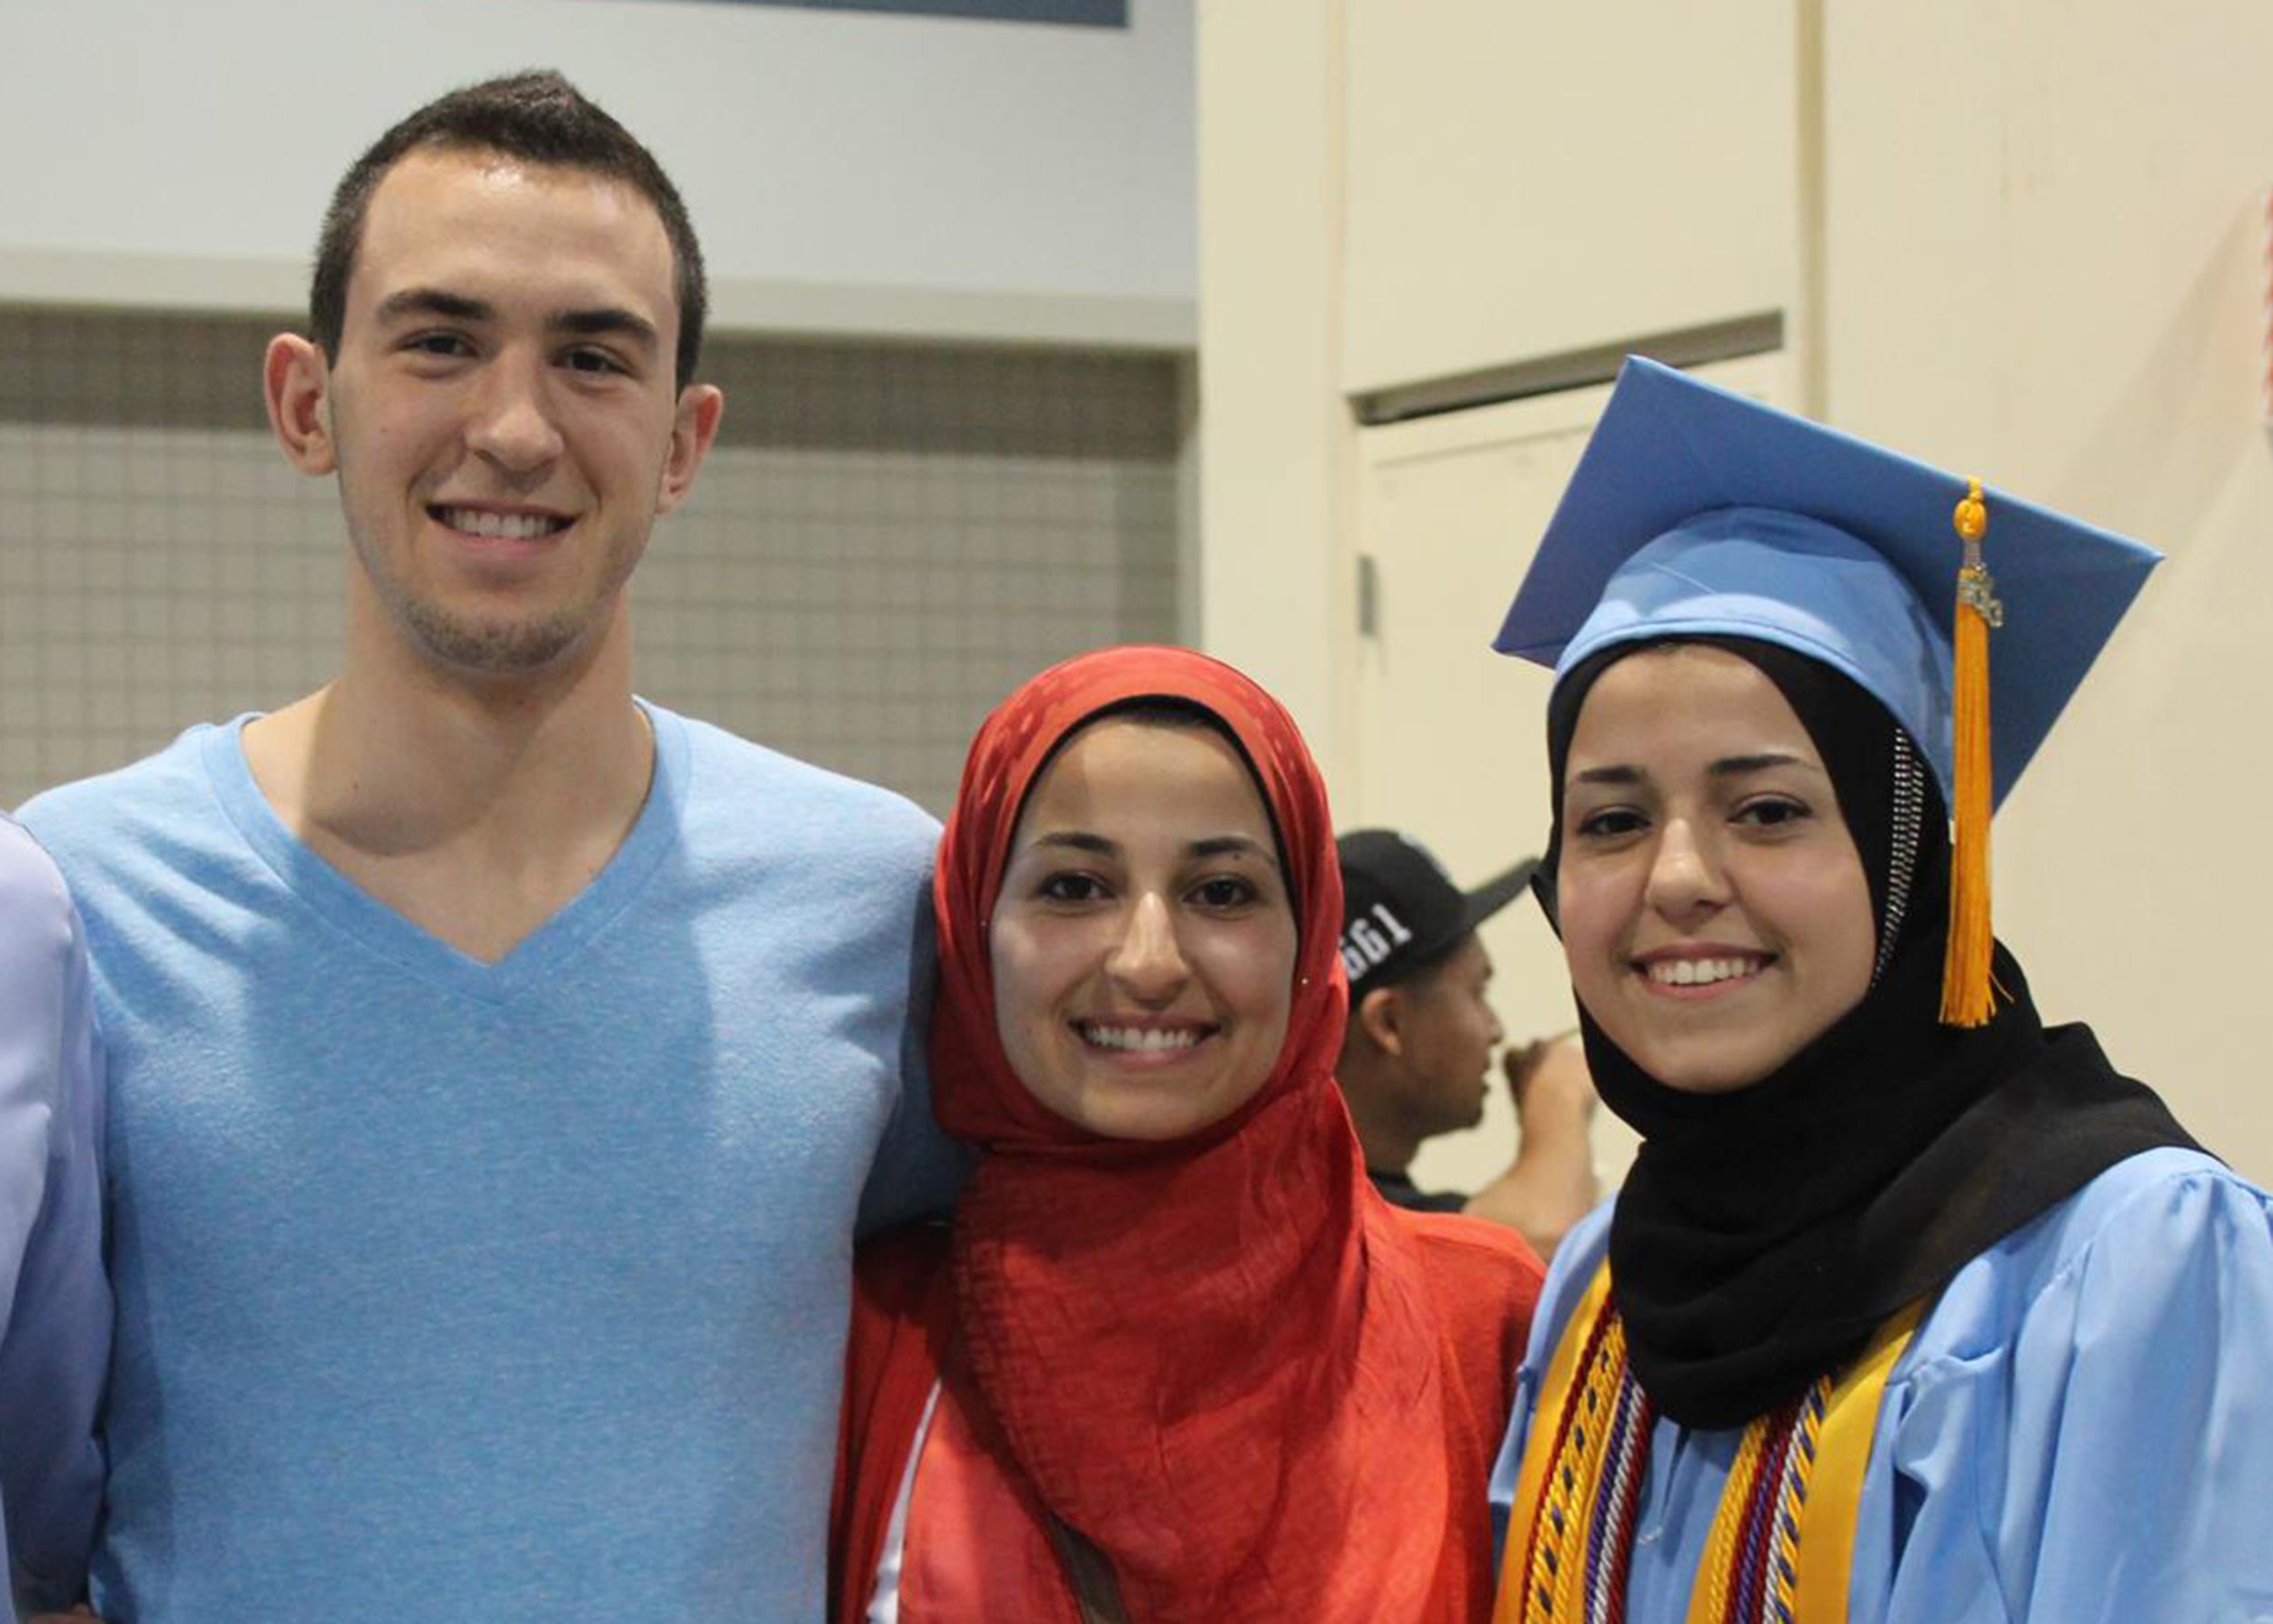 Deah Barakat, Yusor Abu-Salha, Razan Abu-Salha